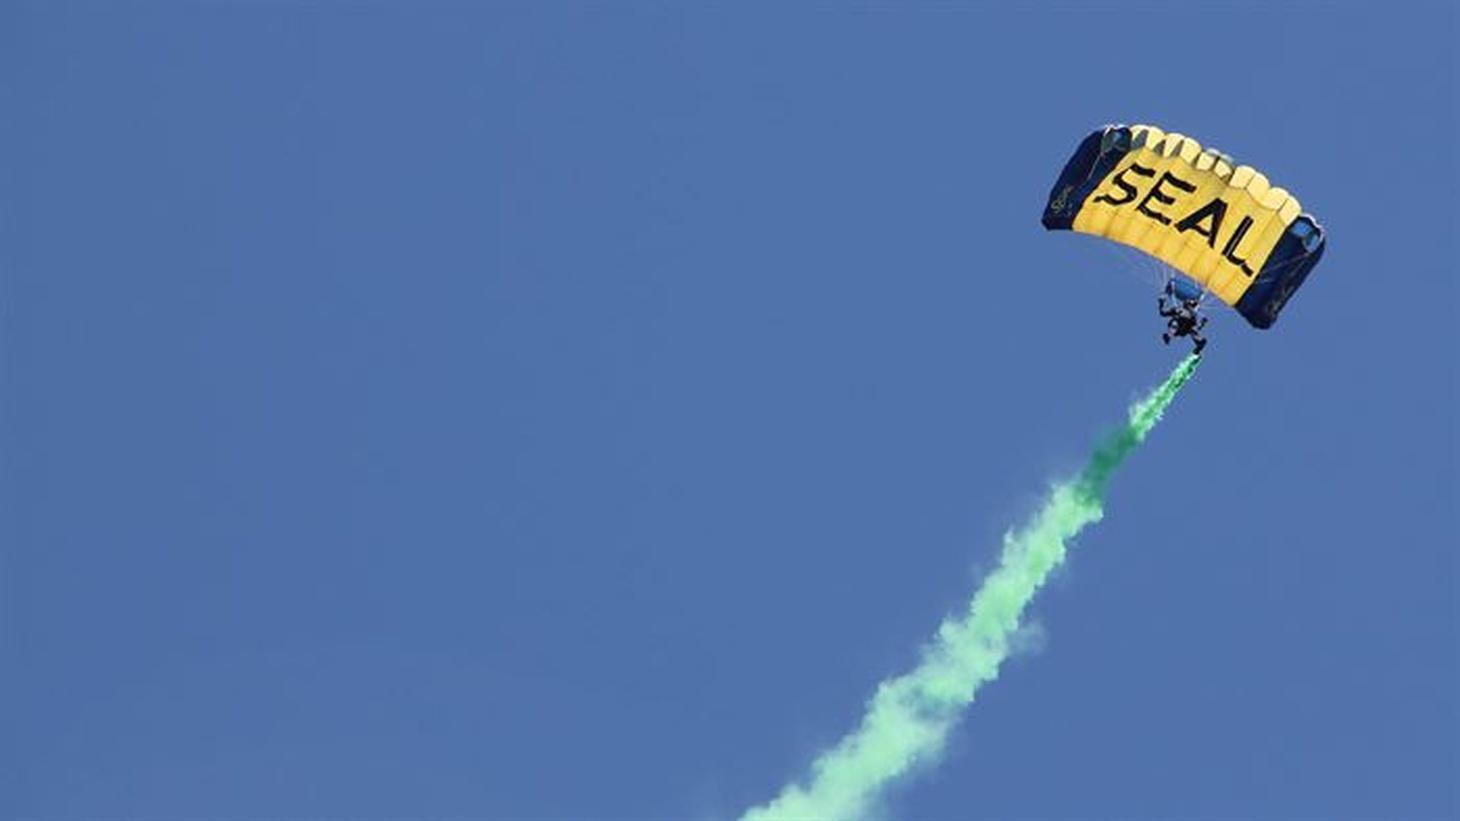 A Navy seal parachutes down to Marina Green, San Francisco, 2014.